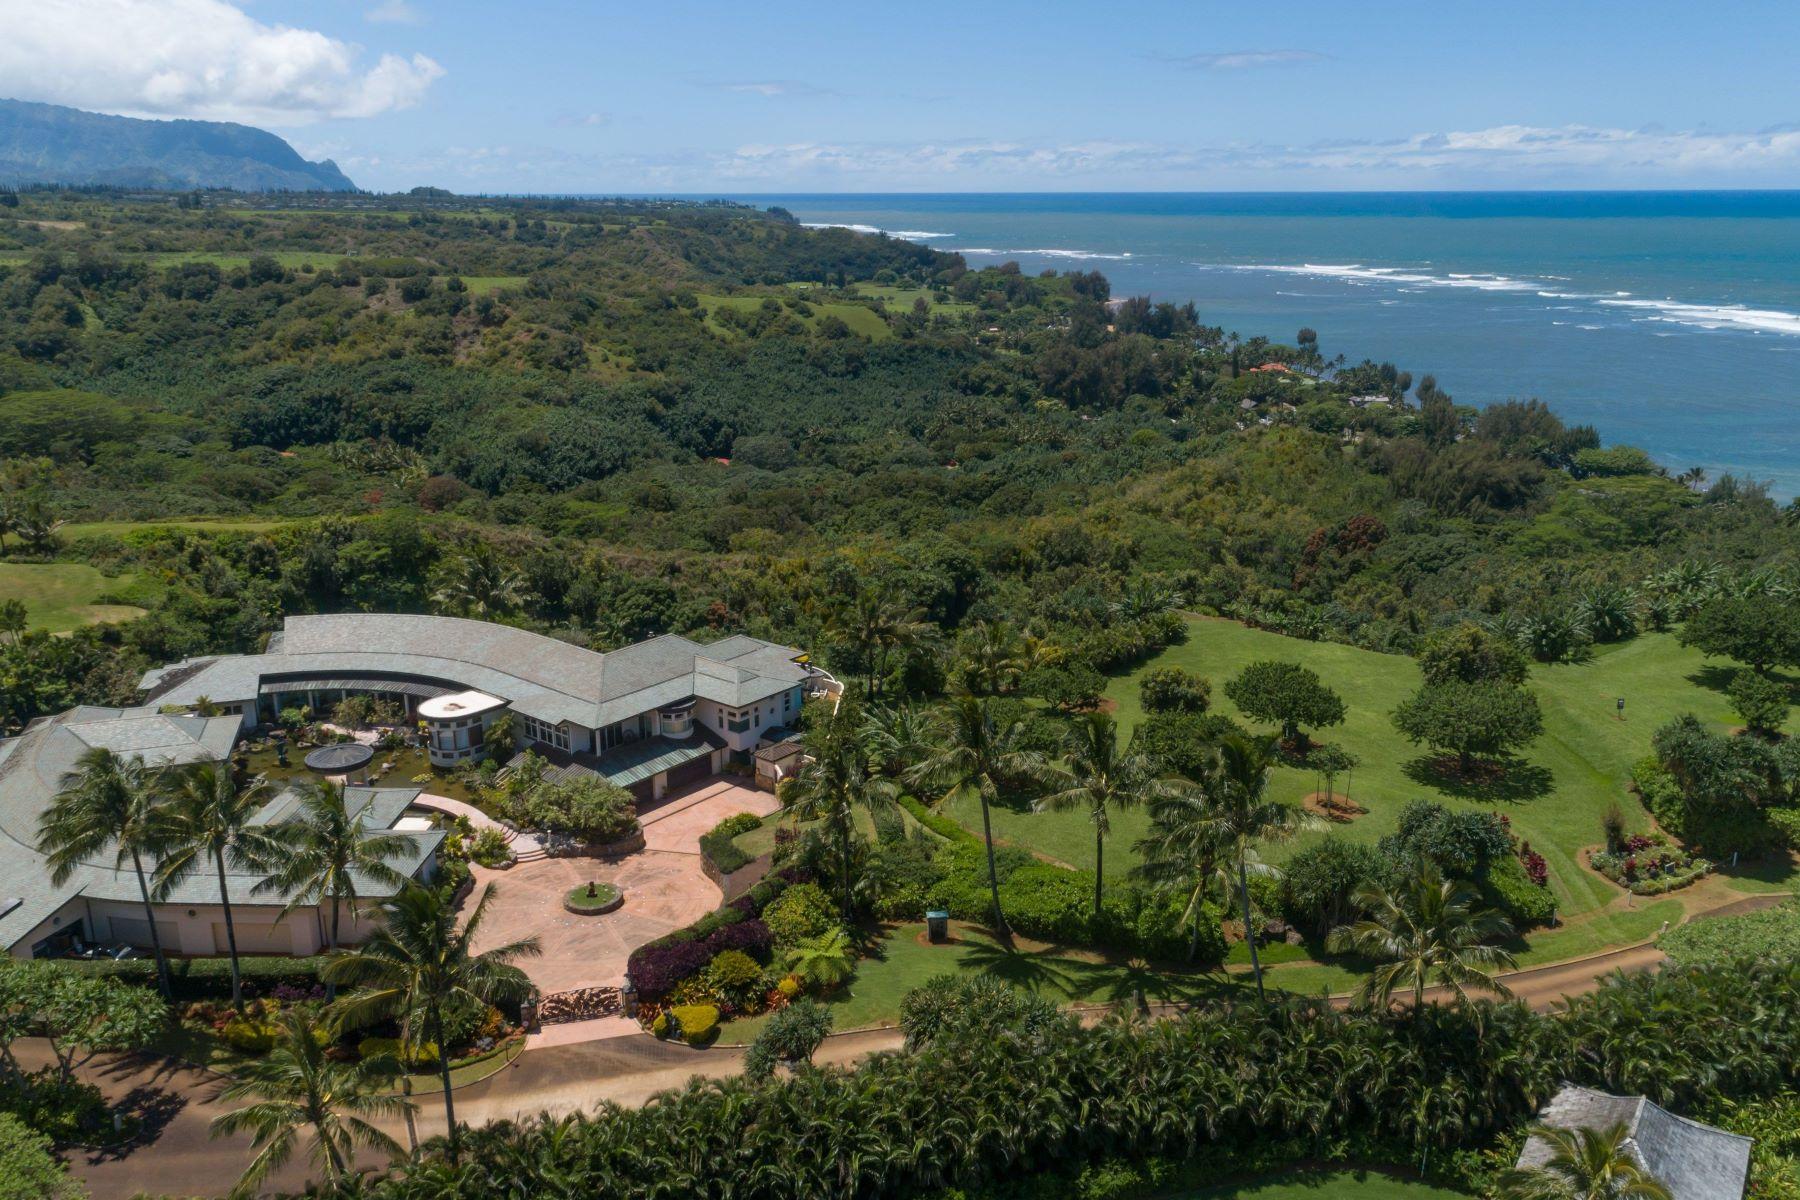 Single Family Homes para Venda às 4262-A ANINI VISTA DR #A KILAUEA, HI 96754 Kilauea, Havaí 96754 Estados Unidos